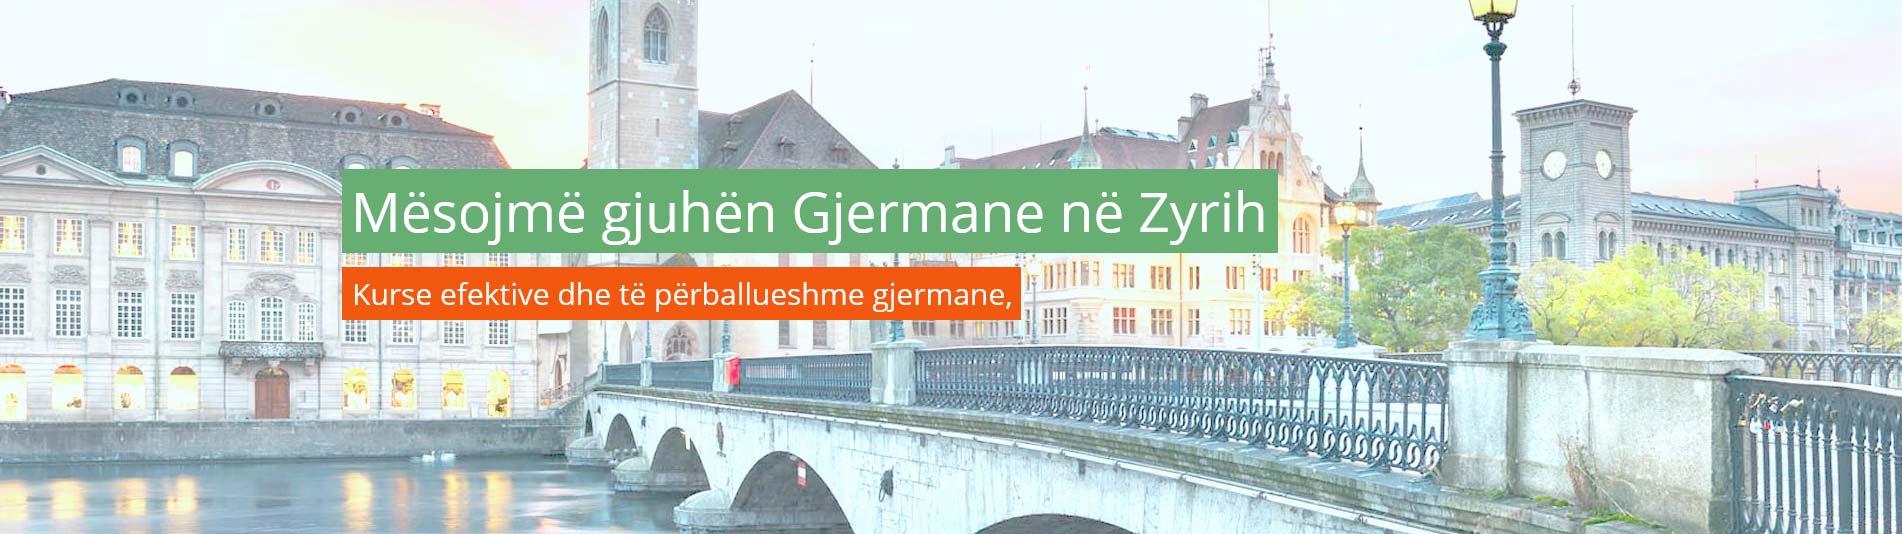 Mësojmë gjuhën Gjermane në Zyrih